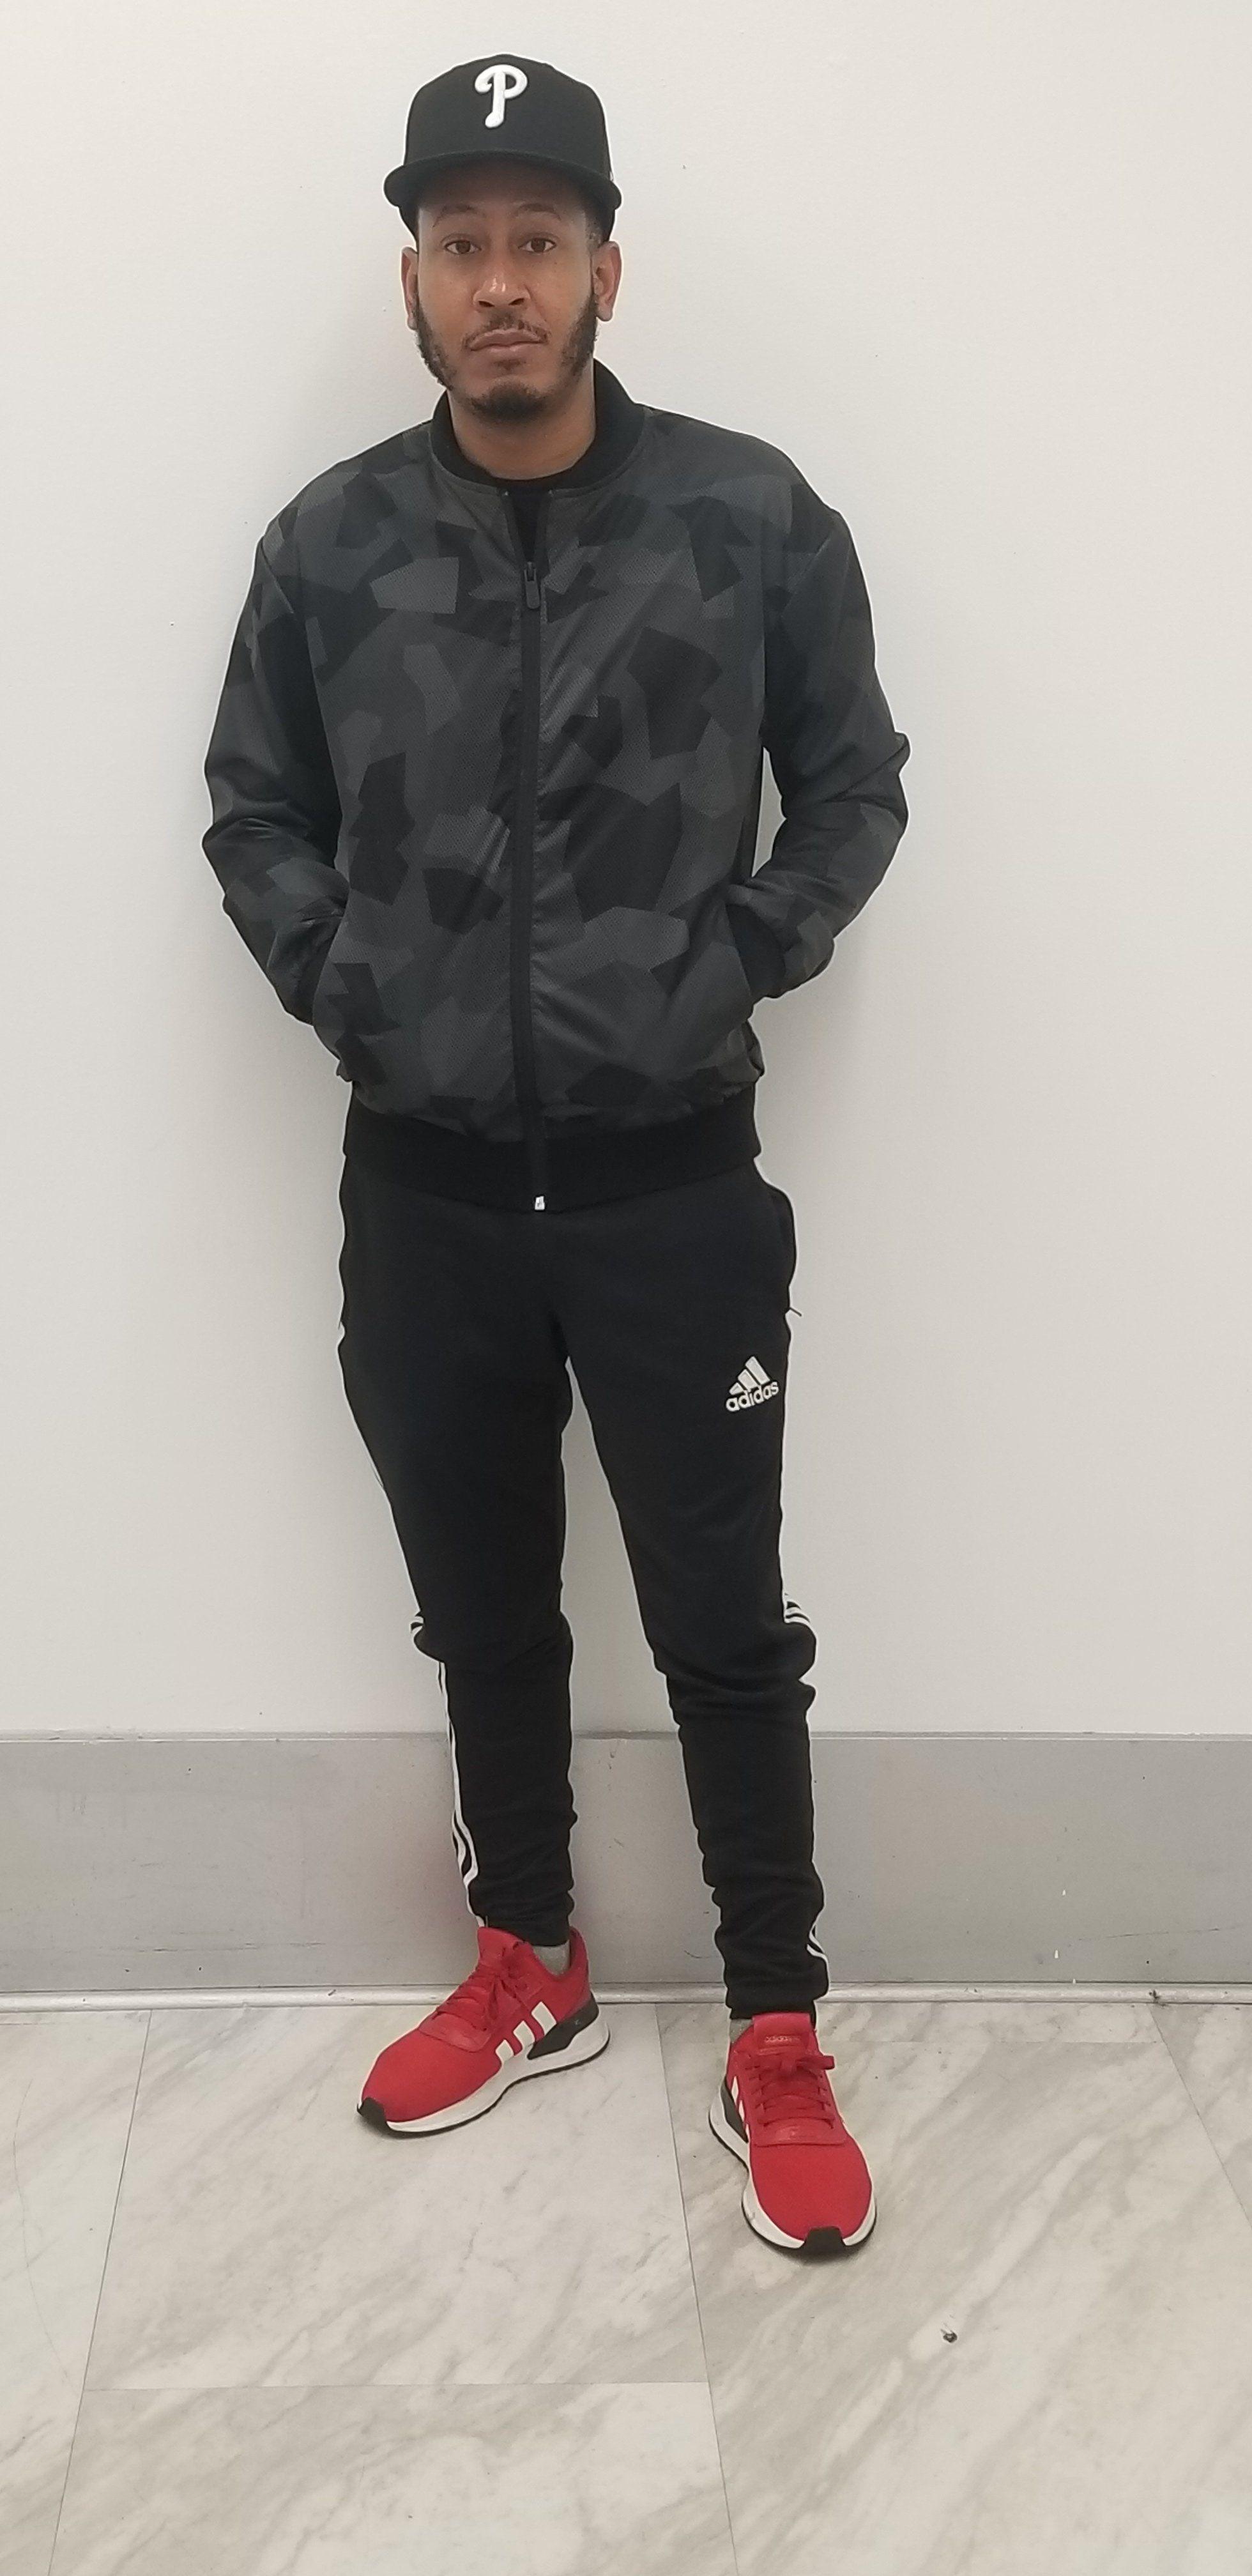 Razor camo jacket